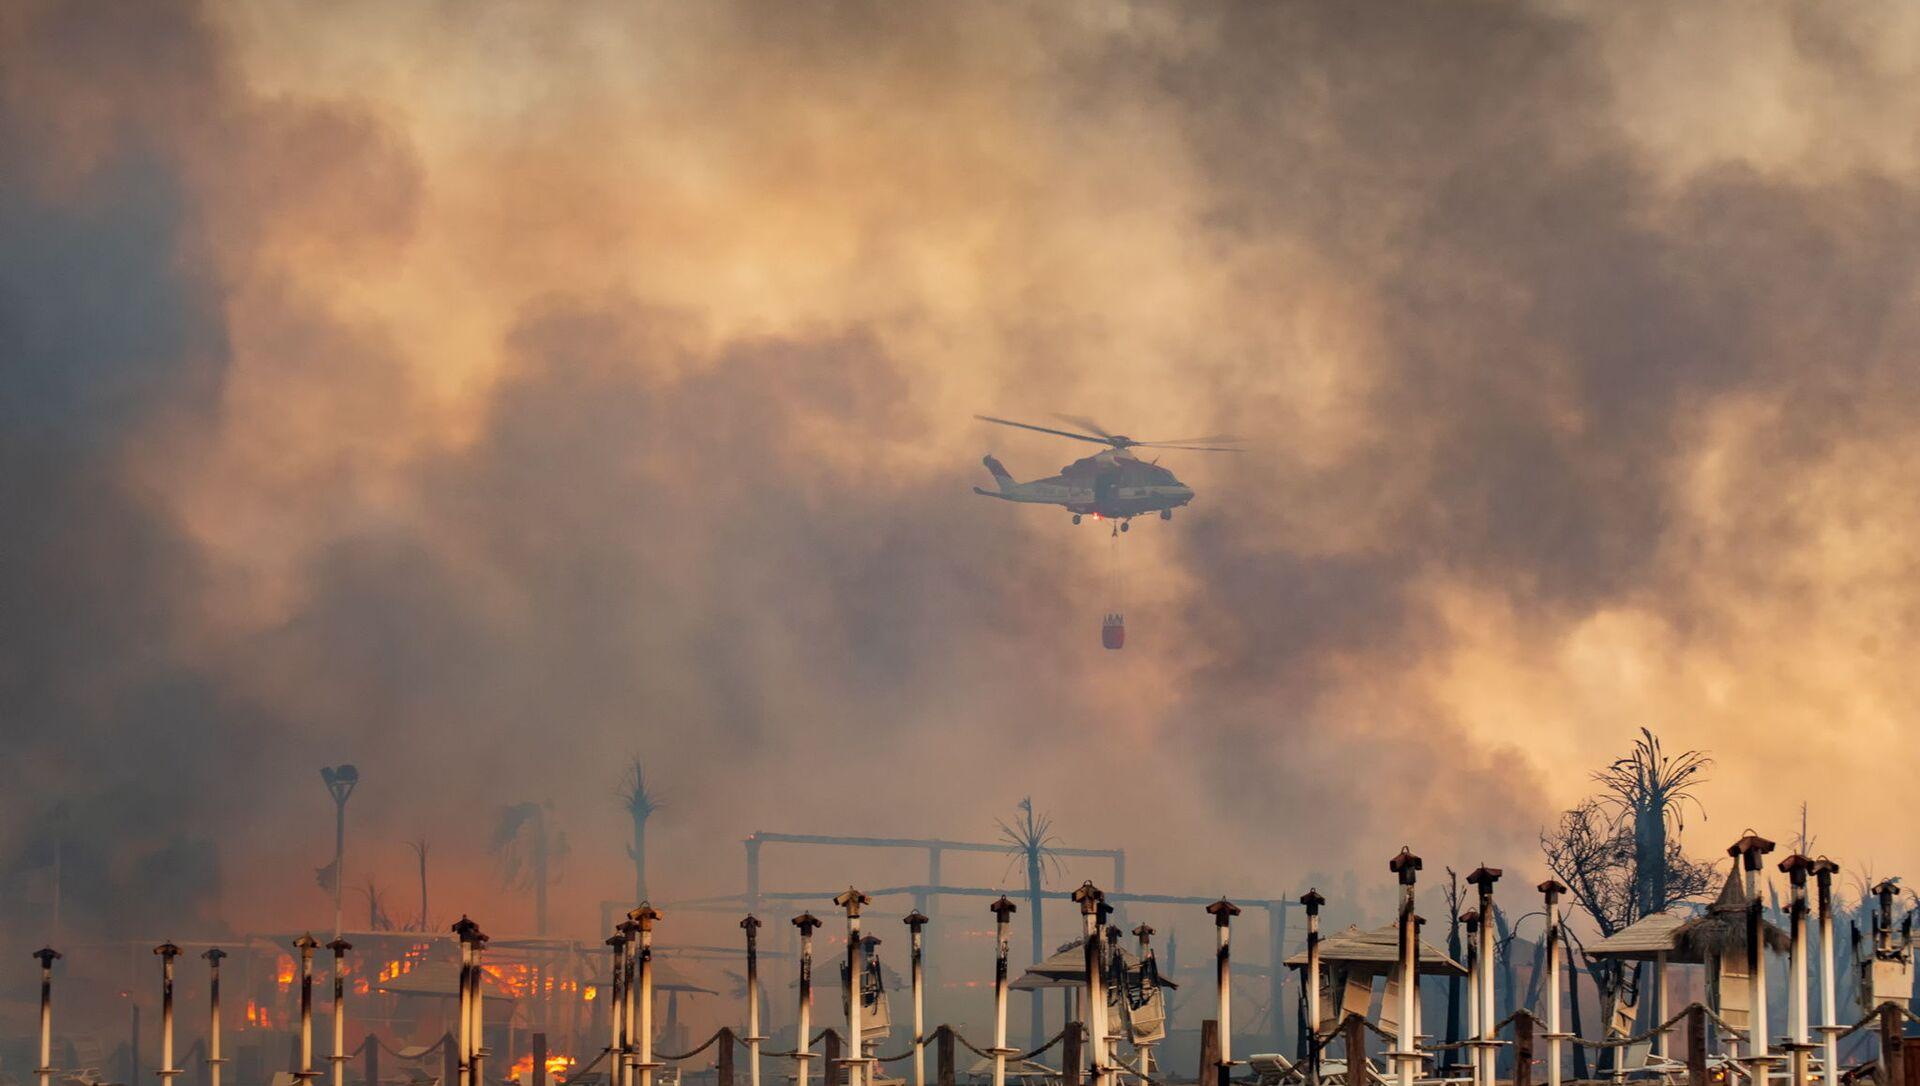 İtalya'nın Sicilya adası başta olmak üzere güney bölgeleri, orman ve kırsal alanlarda çıkan çok sayıdaki yangınla mücadele ediyor. - Sputnik Türkiye, 1920, 31.07.2021